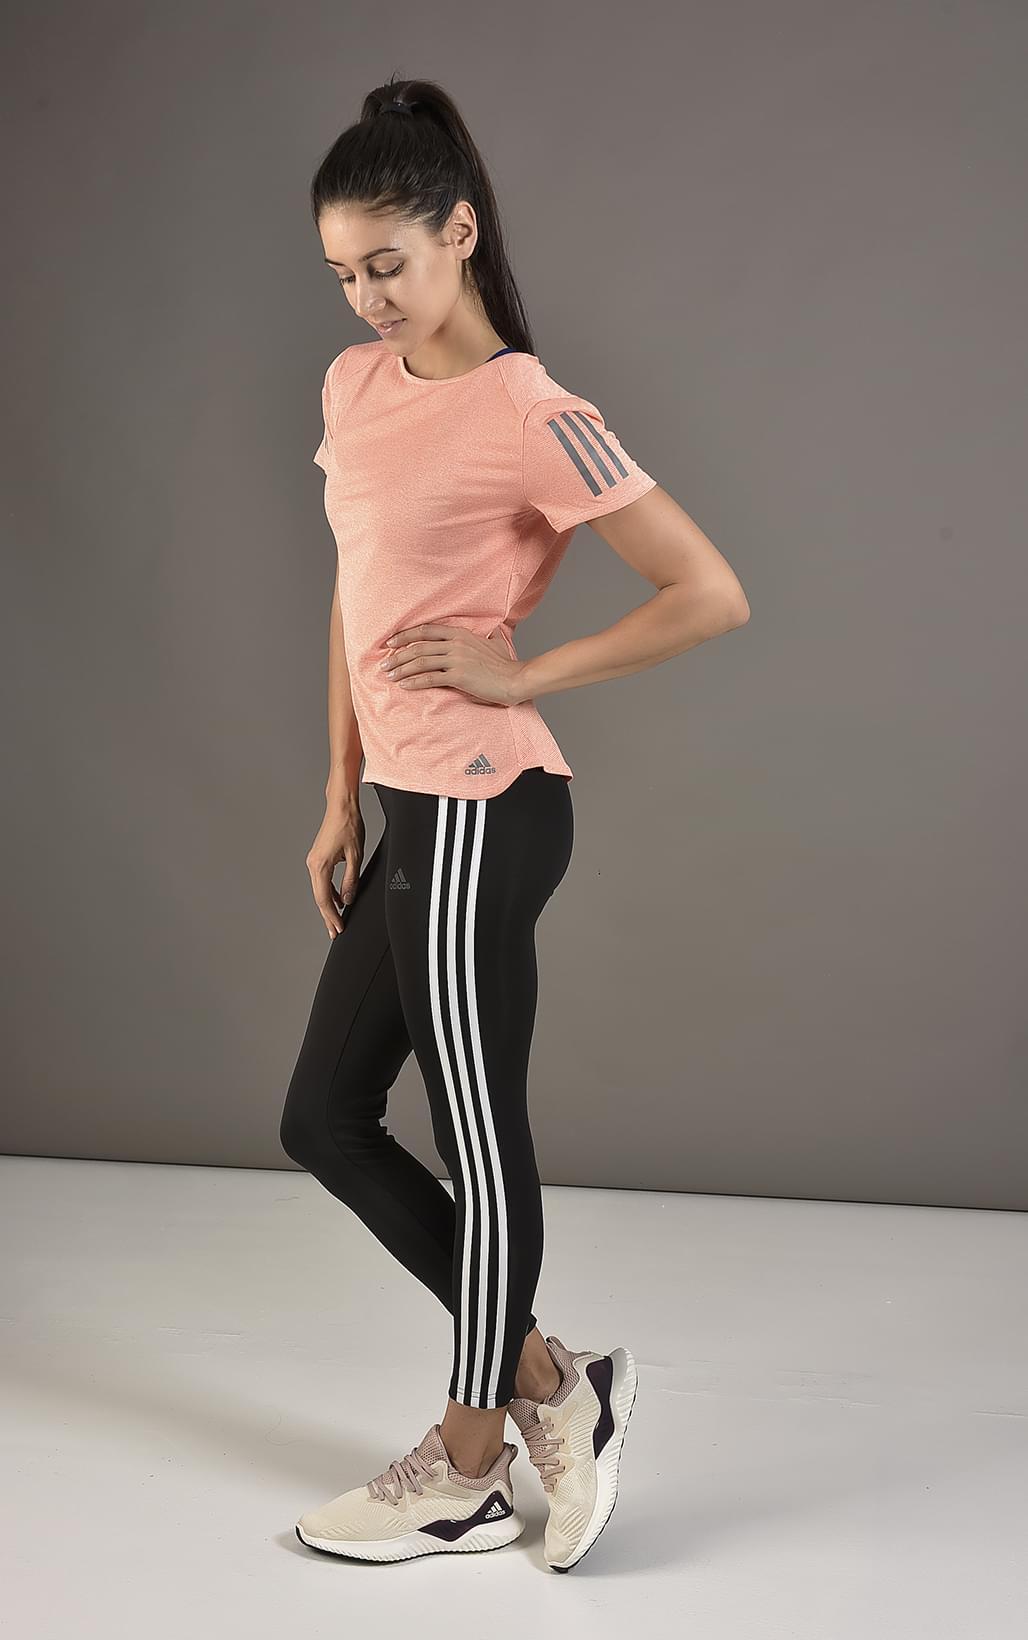 dac91eb777 Adidas PERFORMANCE D2M RR 3S LONG. Női fitness nadrág